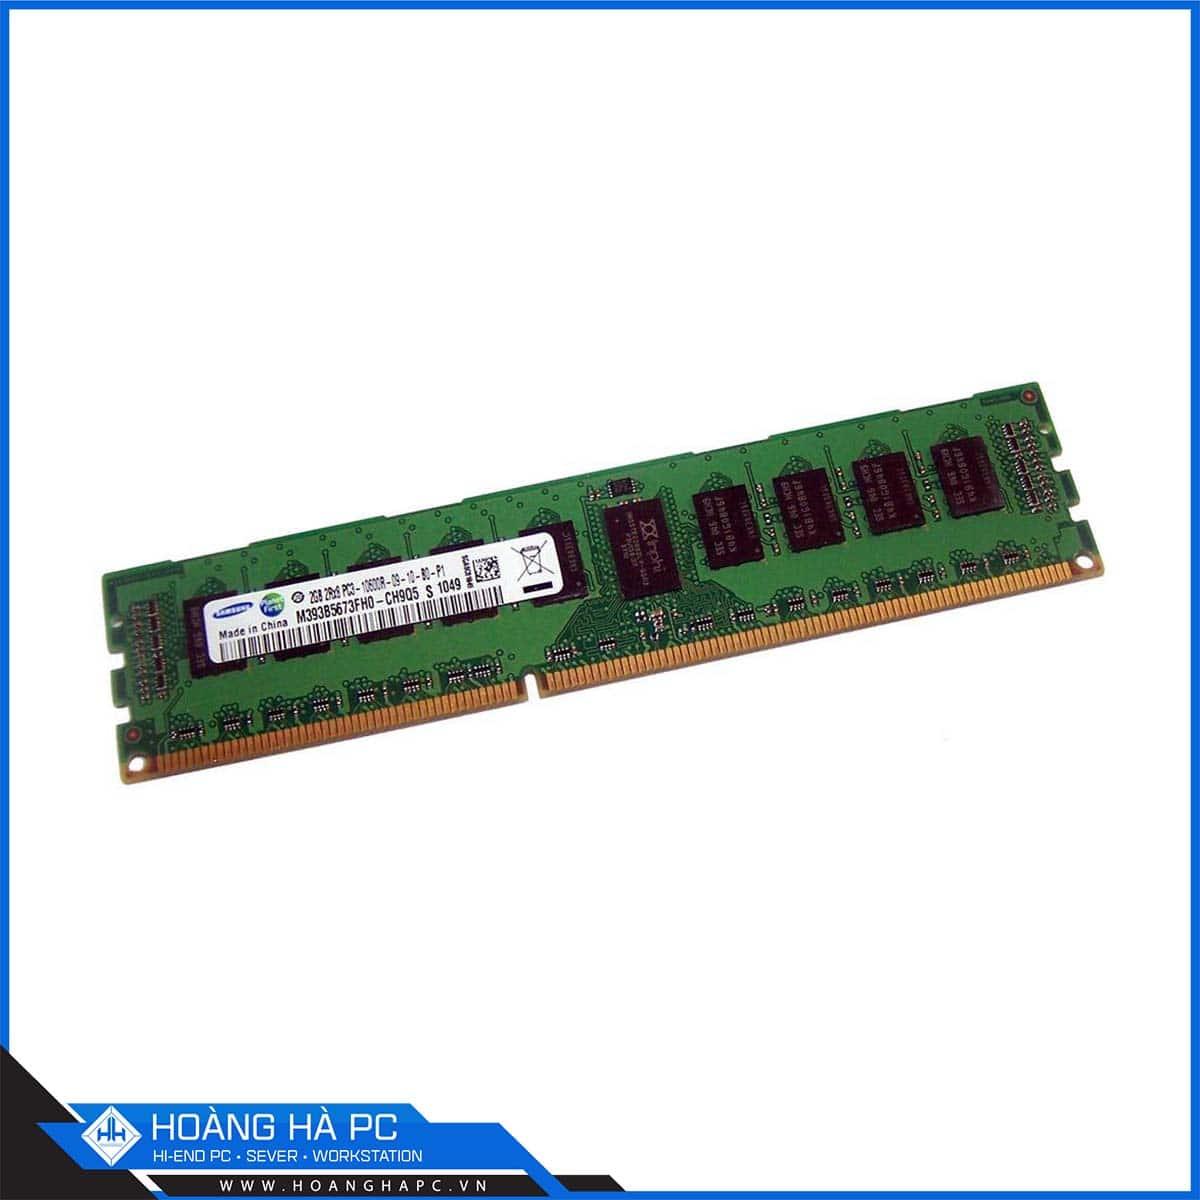 Samsung 16G/1333 ECC REGISTERED